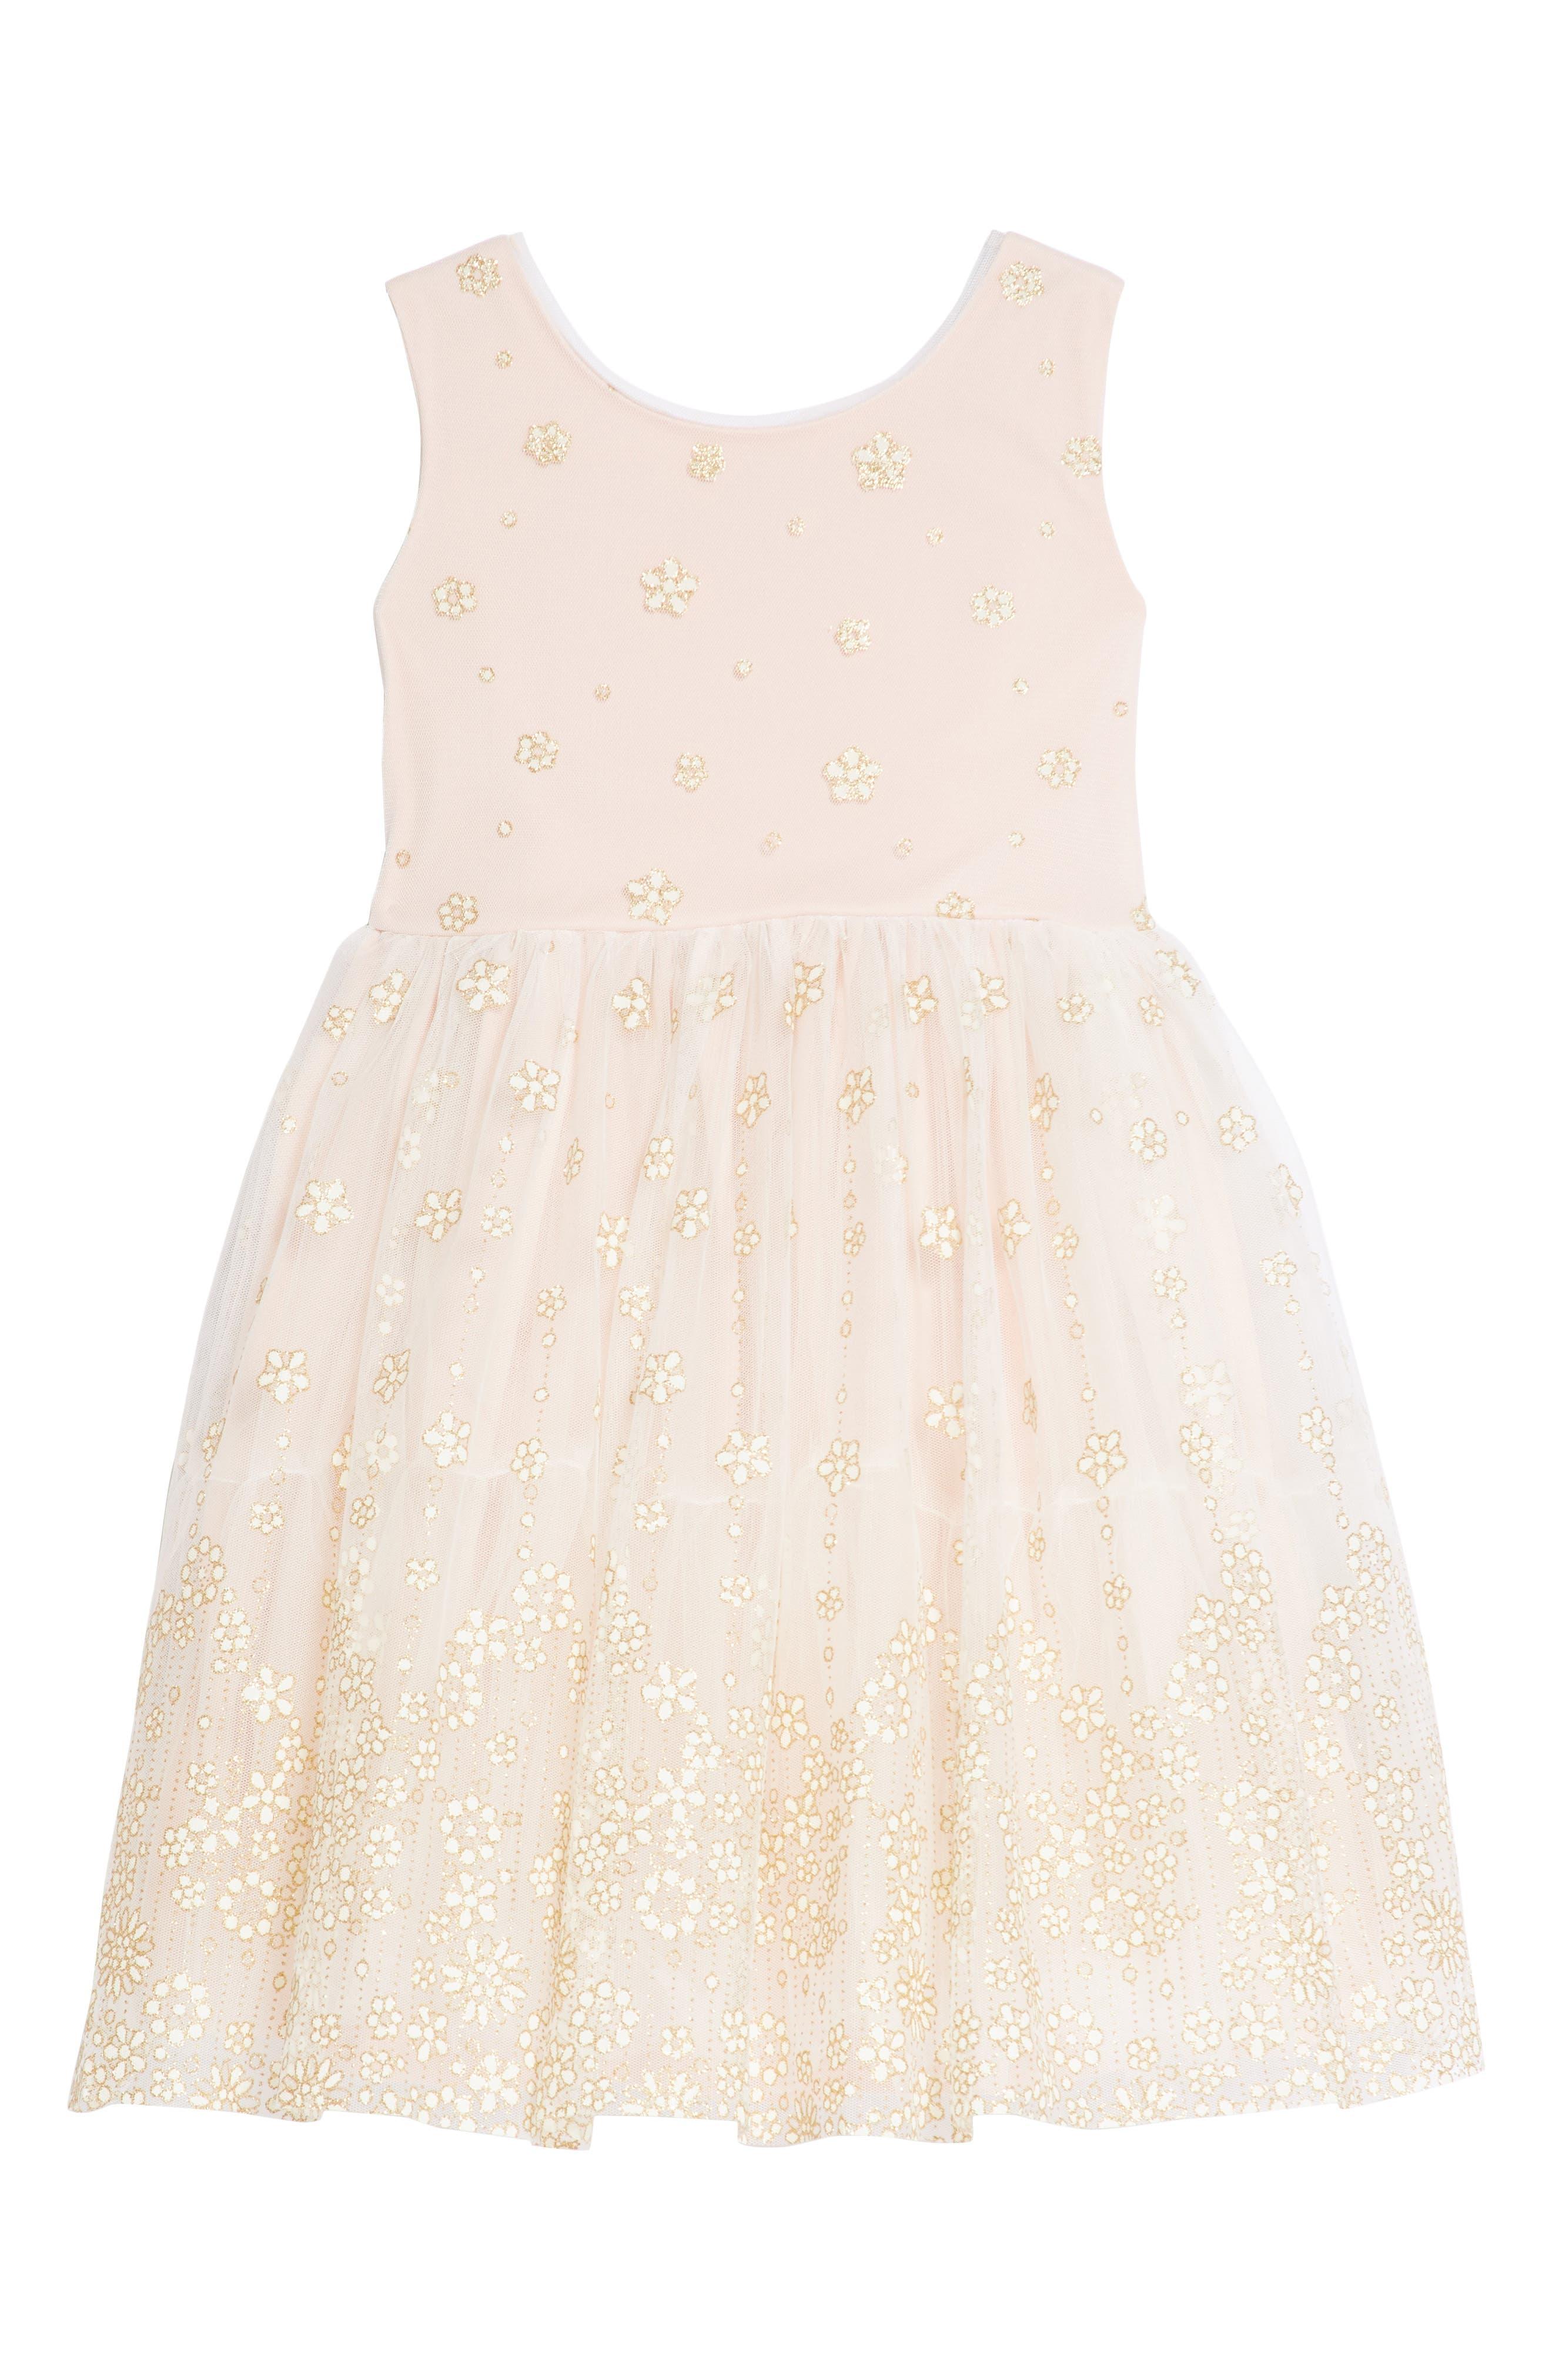 Glitter Mesh Tulle Dress,                             Main thumbnail 1, color,                             900